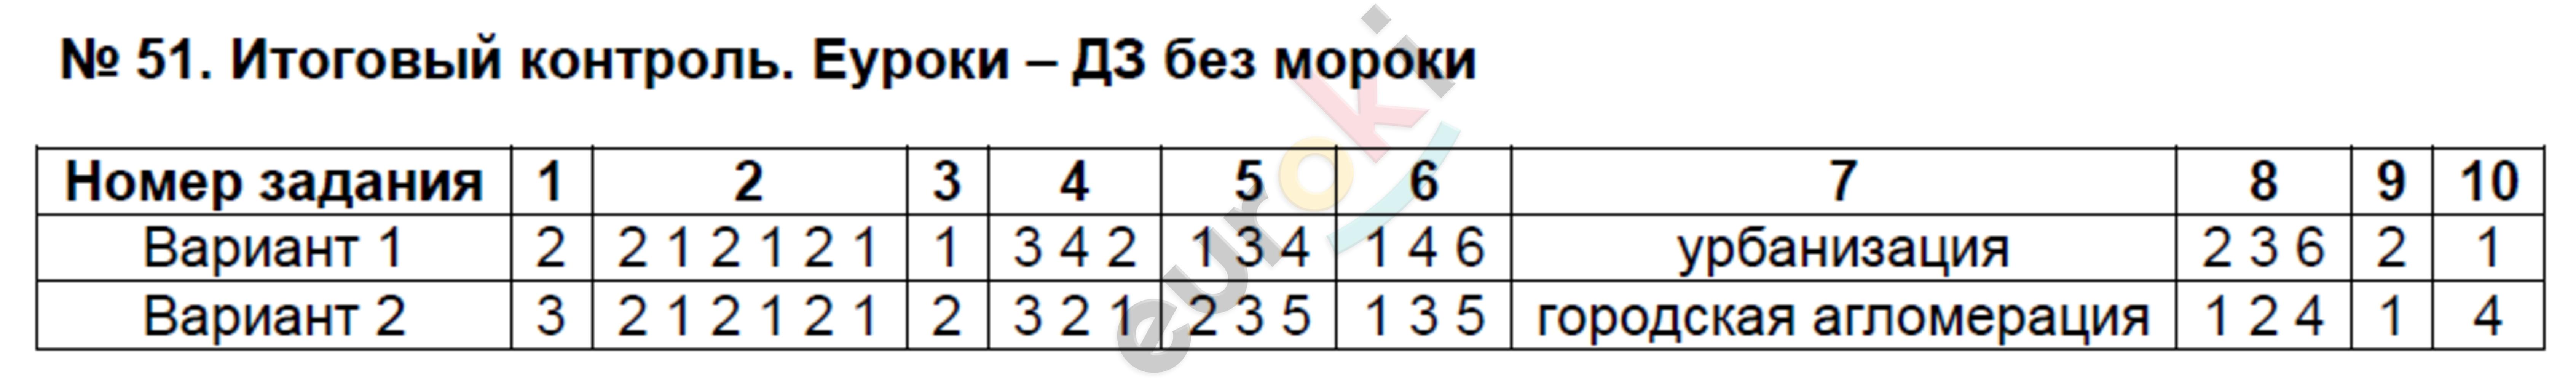 ГДЗ по географии 8 класс тесты Пятунин Итоговый контроль. Задание: №51. Итоговый контроль